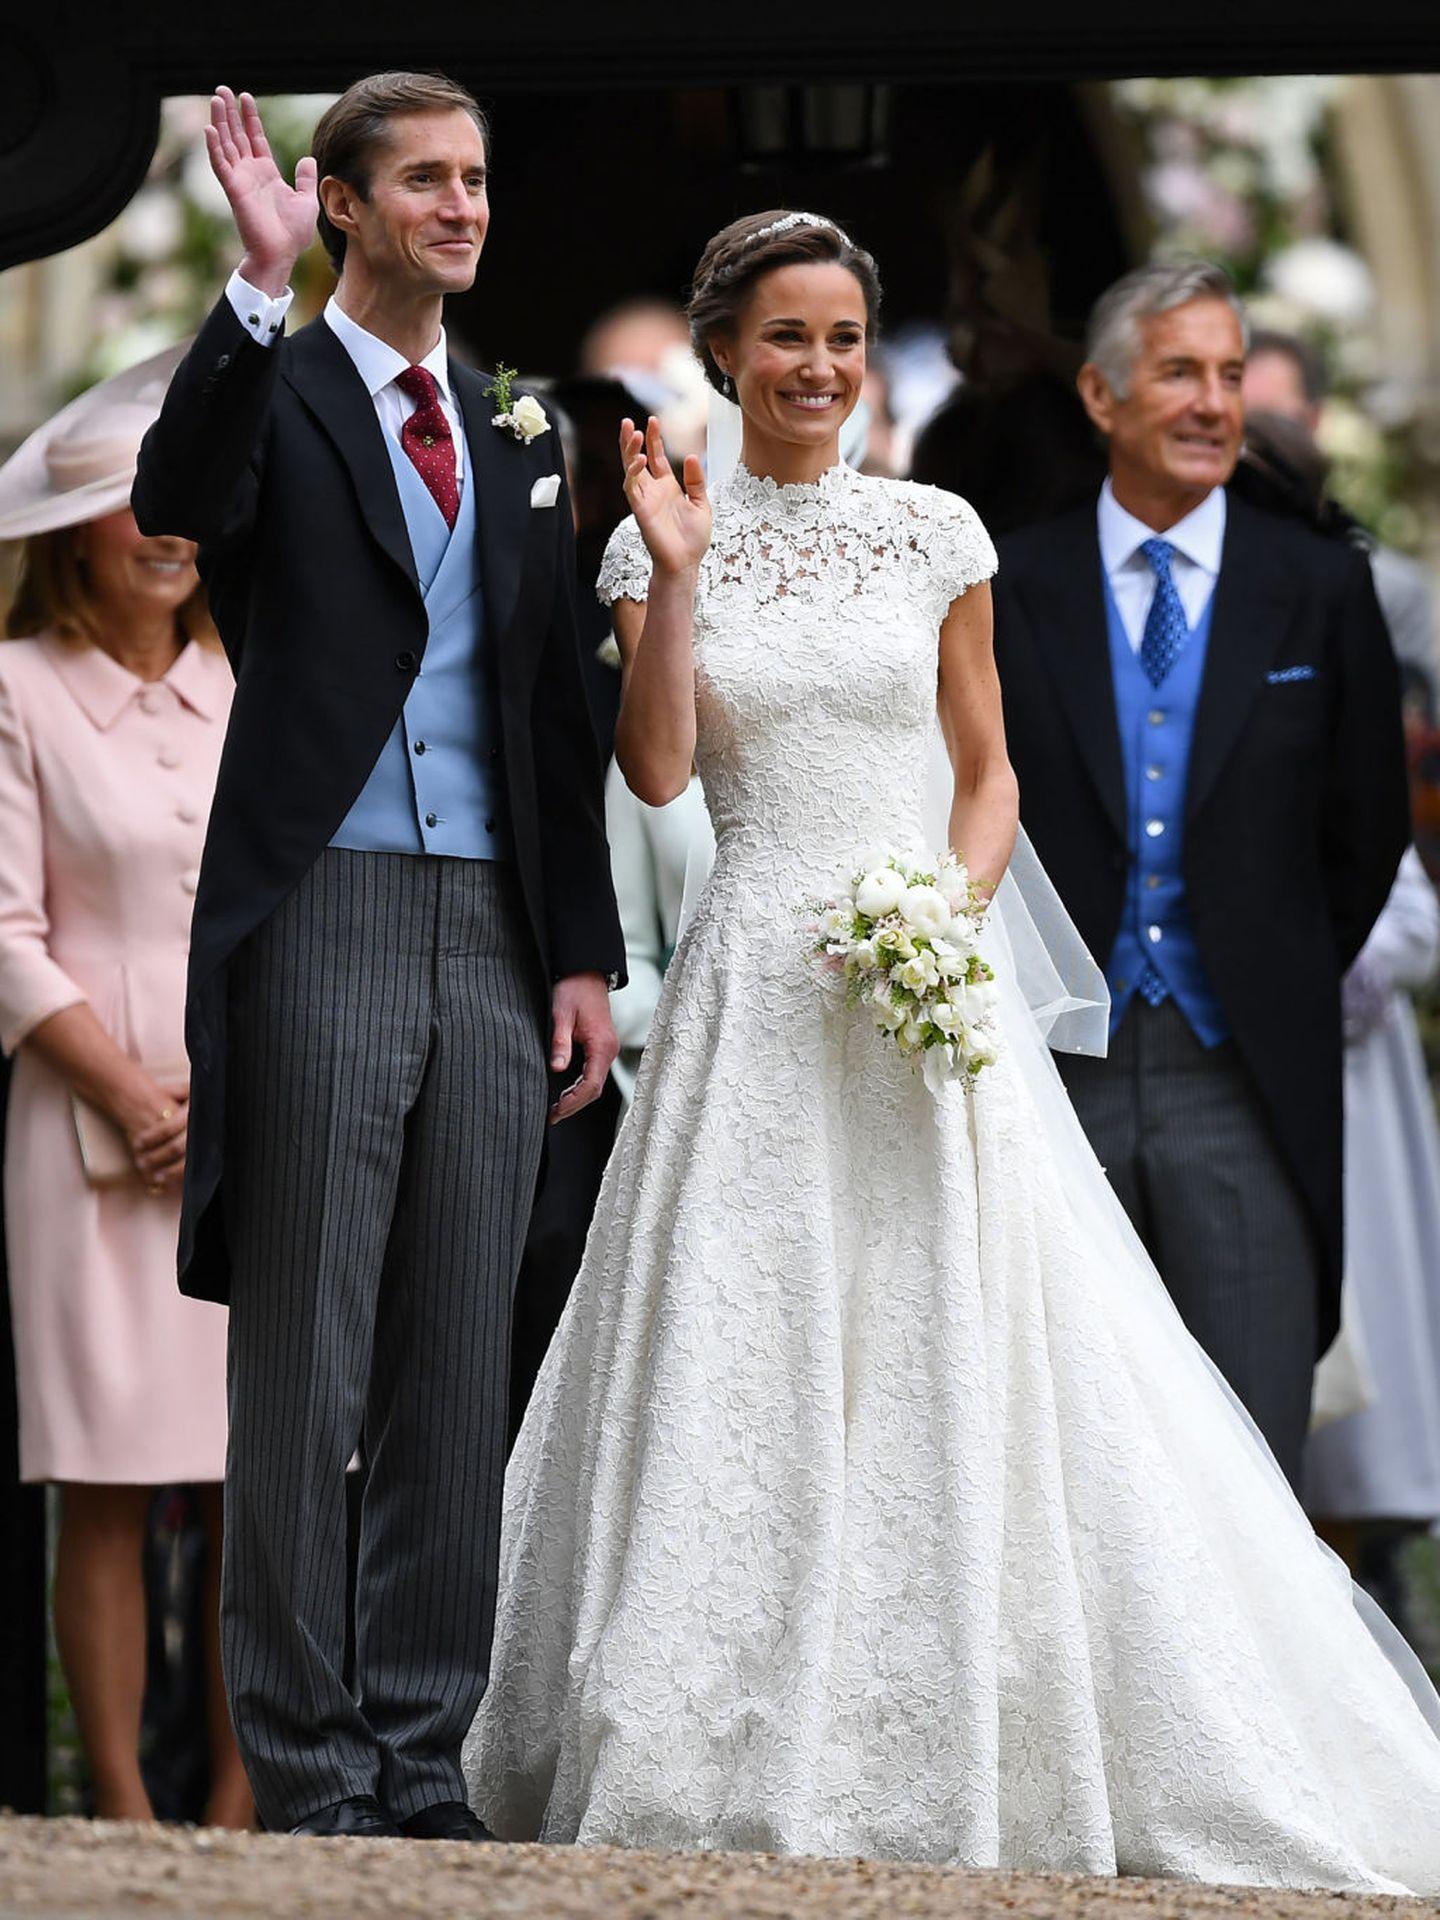 El vestido de novia de Pippa Middleton. (EFE)